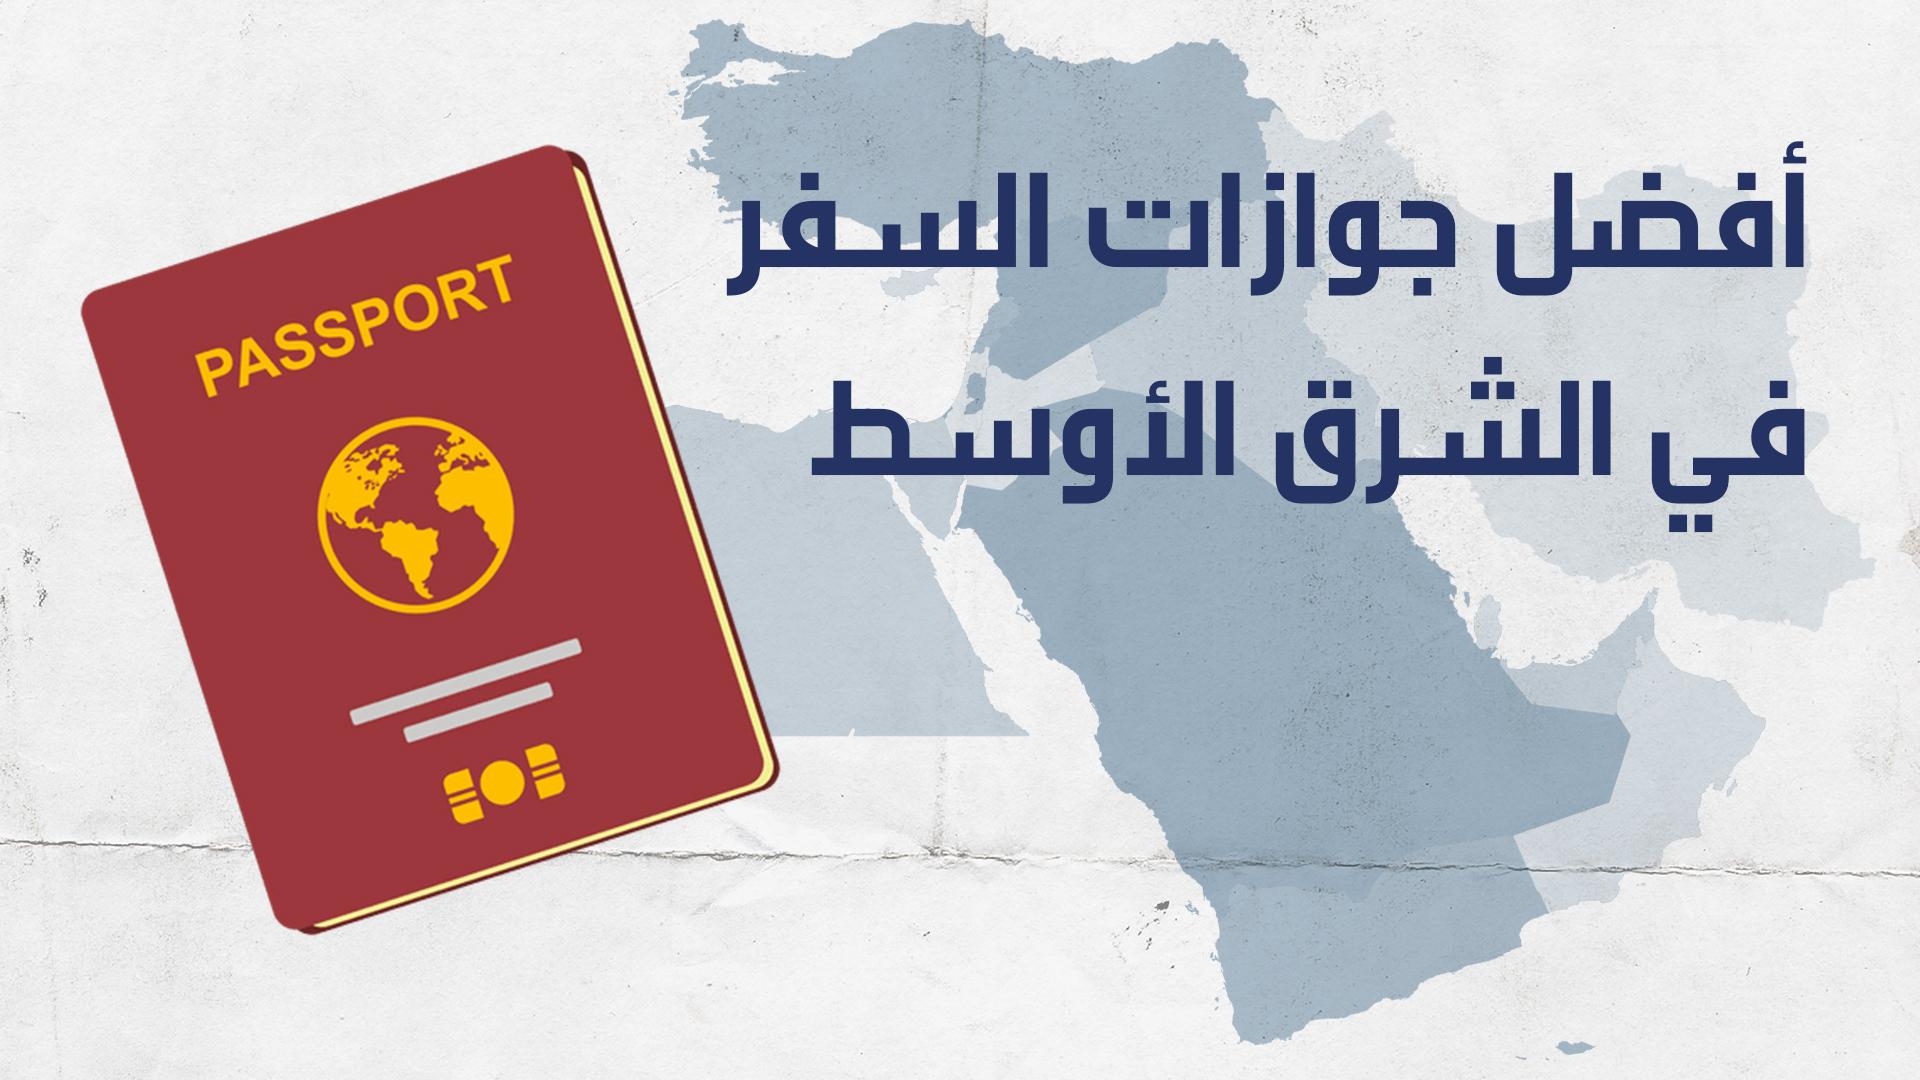 أفضل جوازات السفر في الشرق الأوسط